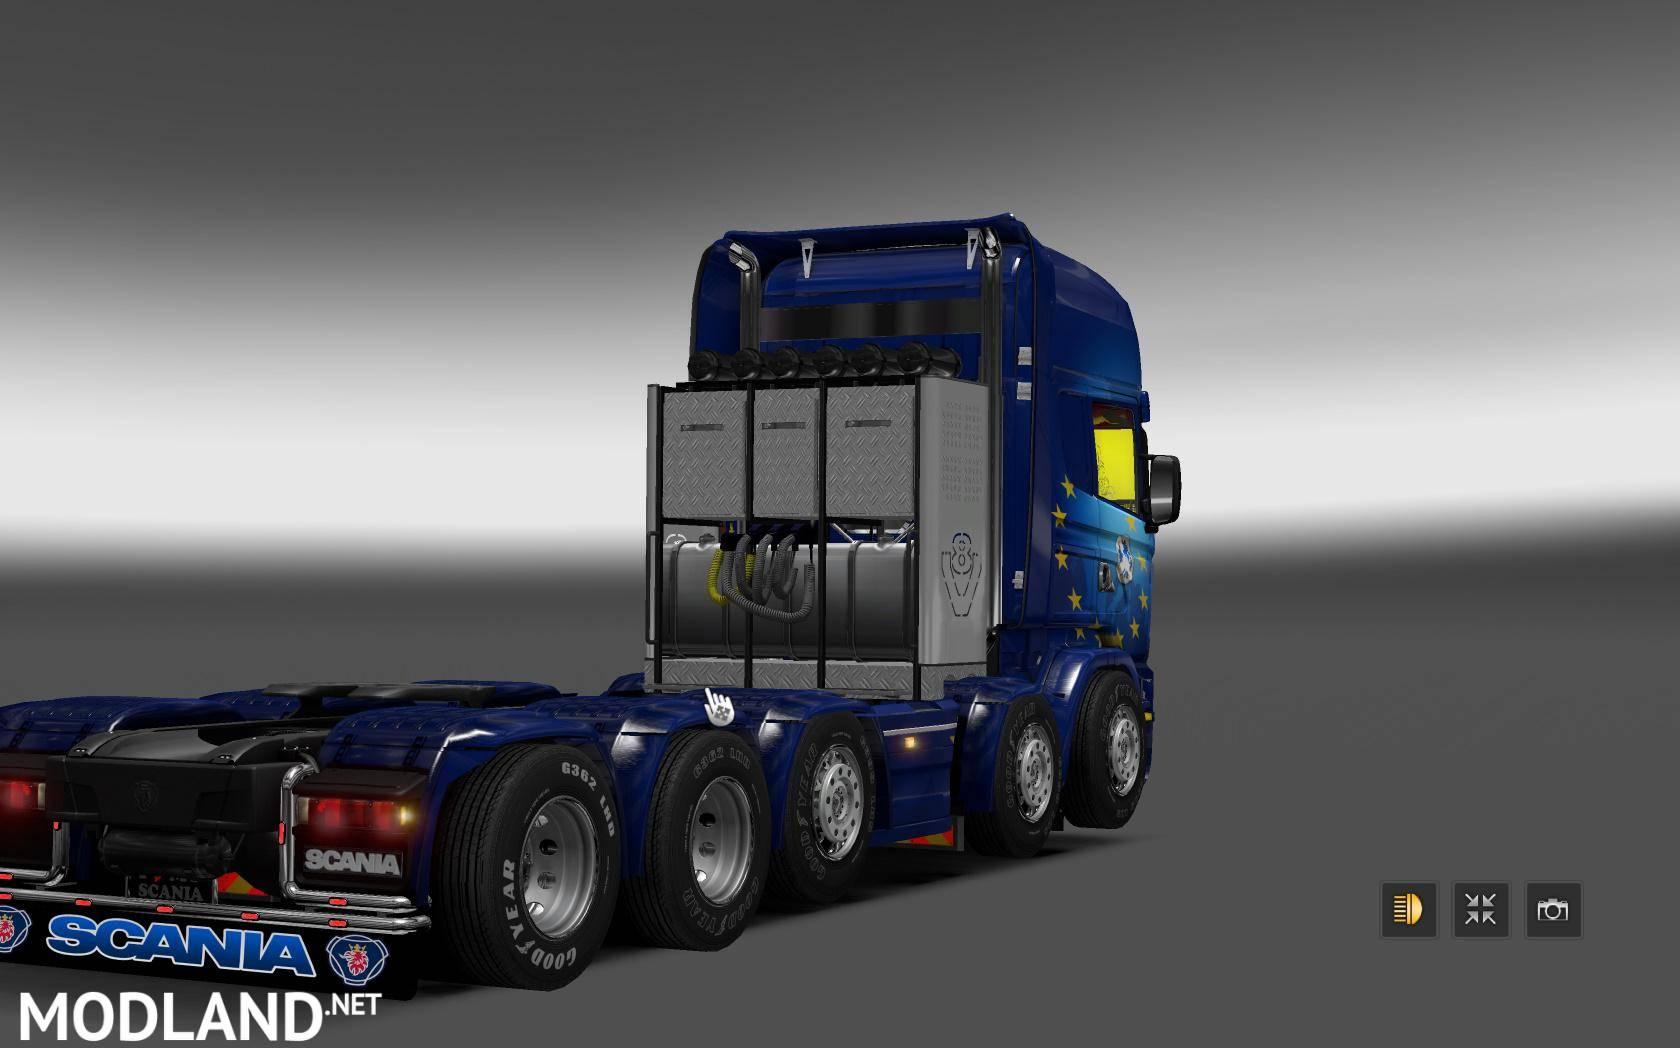 V8 illegal reworked truck v5 0 simulator games mods download -  Scania Illegal V8 Reworked V5 0 1 26 X